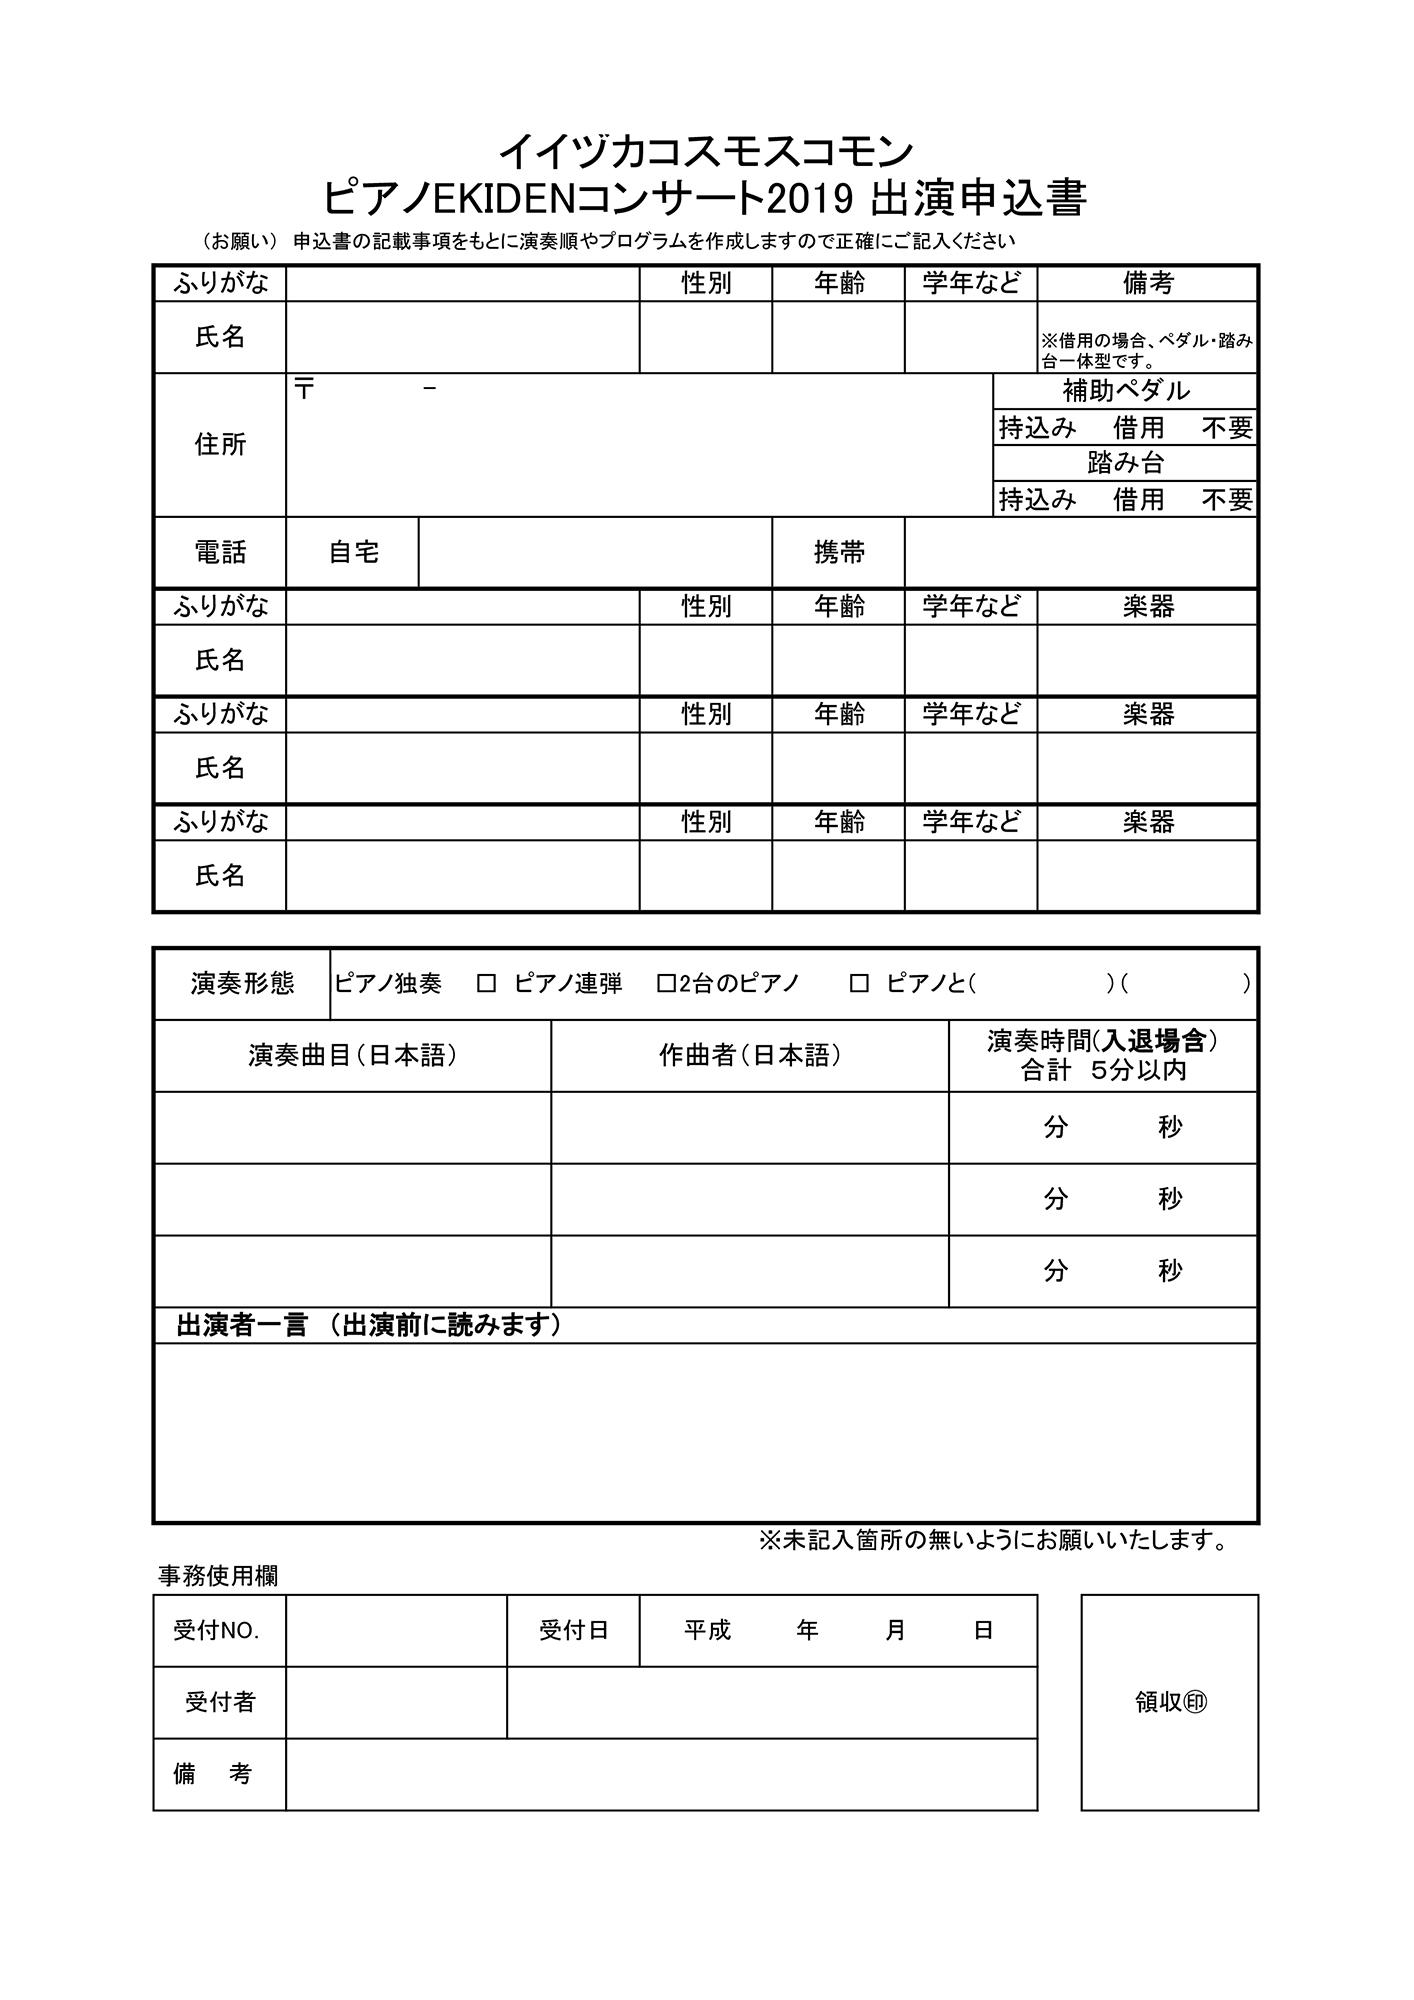 コスモスコモン ピアノEKDIENコンサート 2019 募集